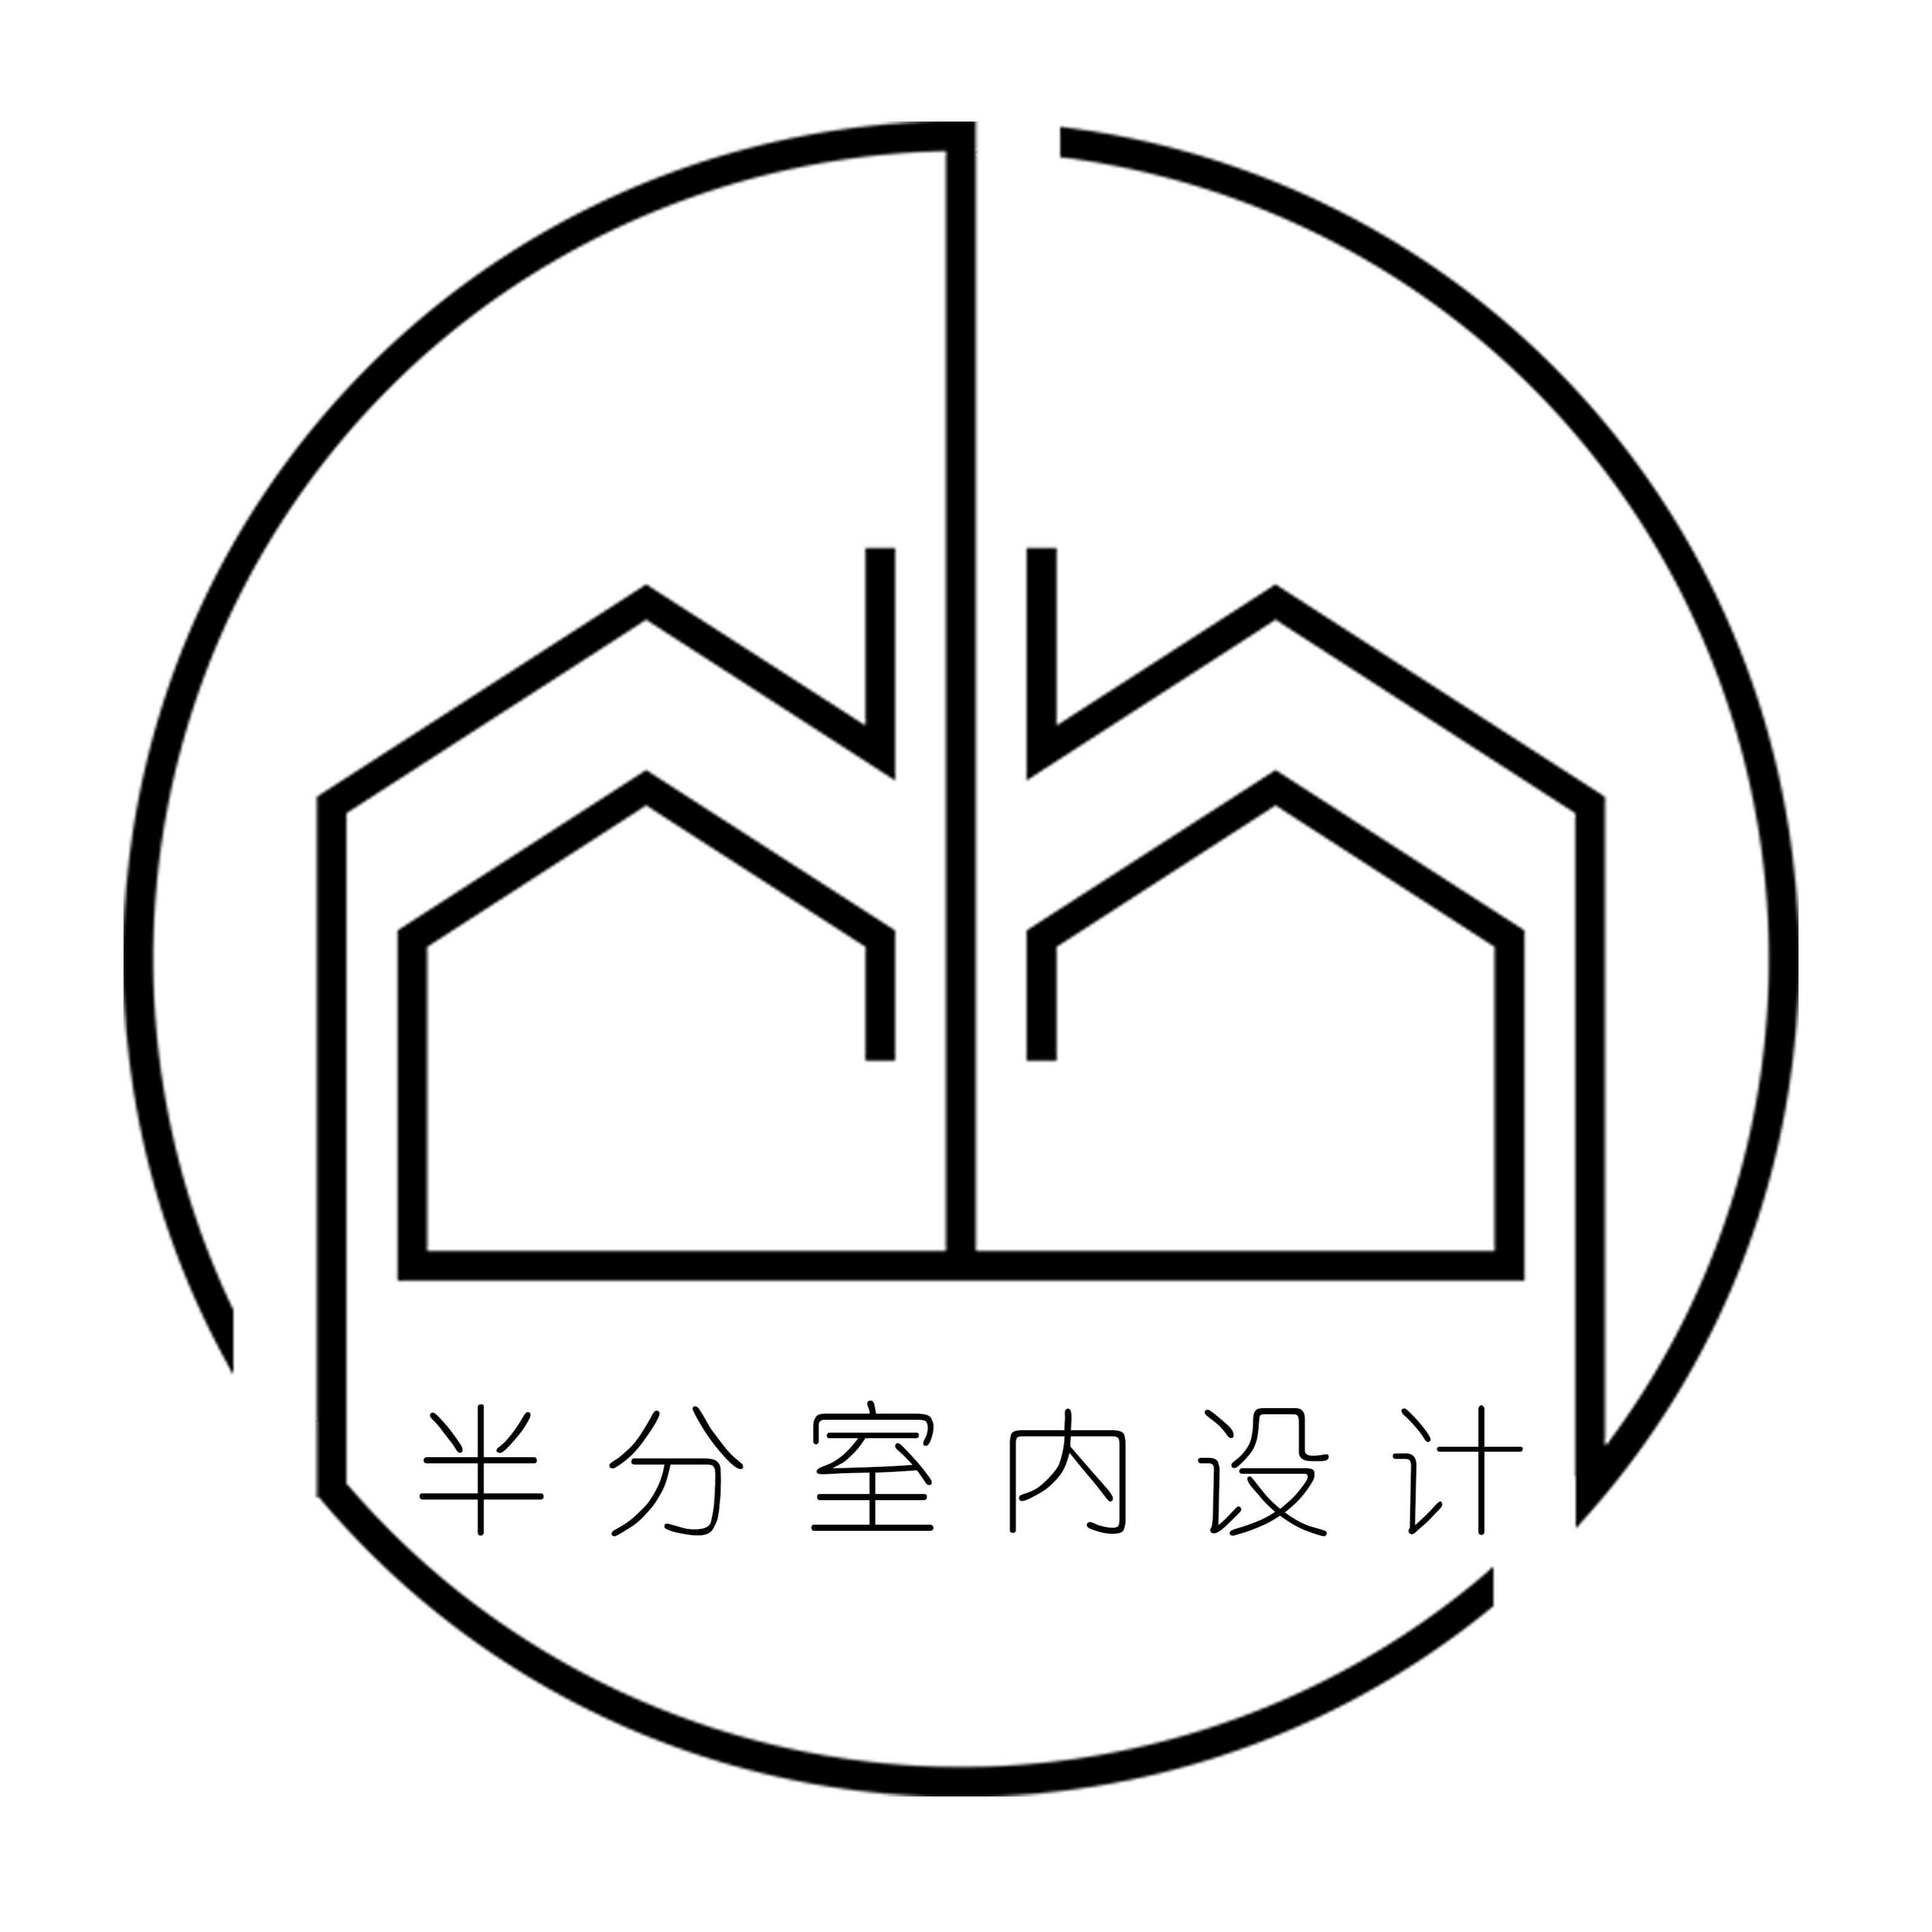 赵殷一贰陆柒室内设计